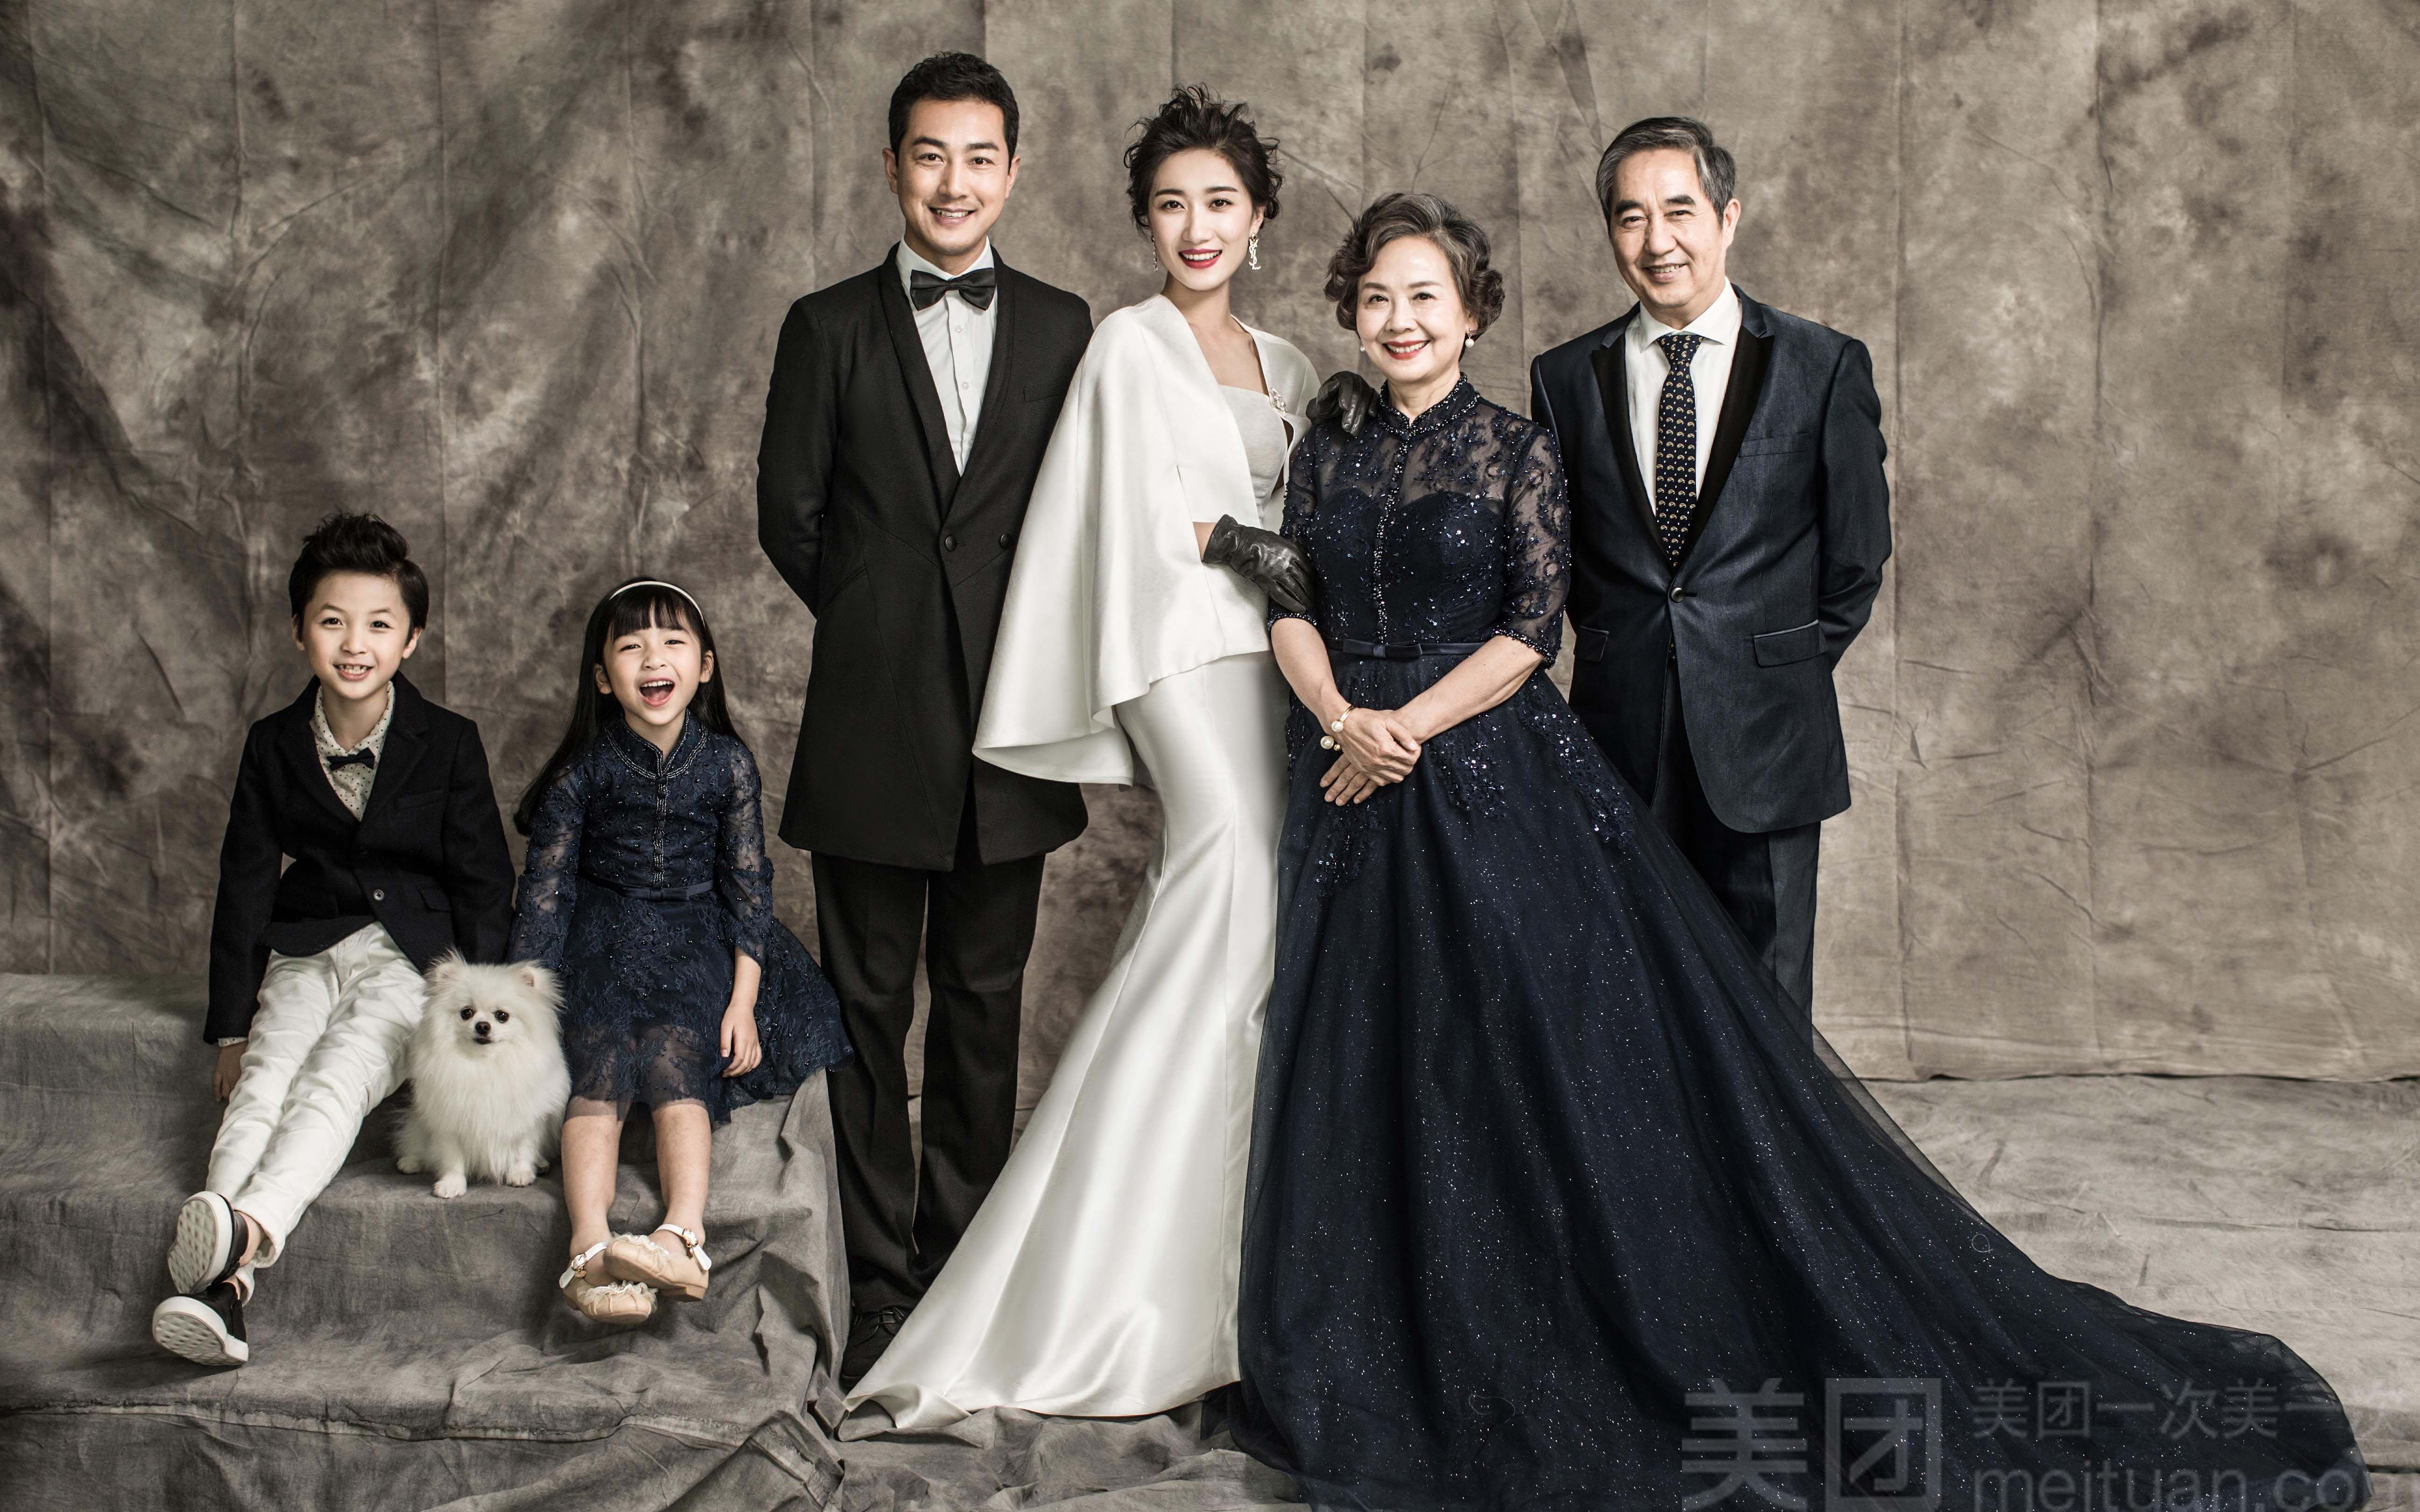 :长沙今日钱柜娱乐官网:【唯一视觉摄影】父母婚纱照/全家福